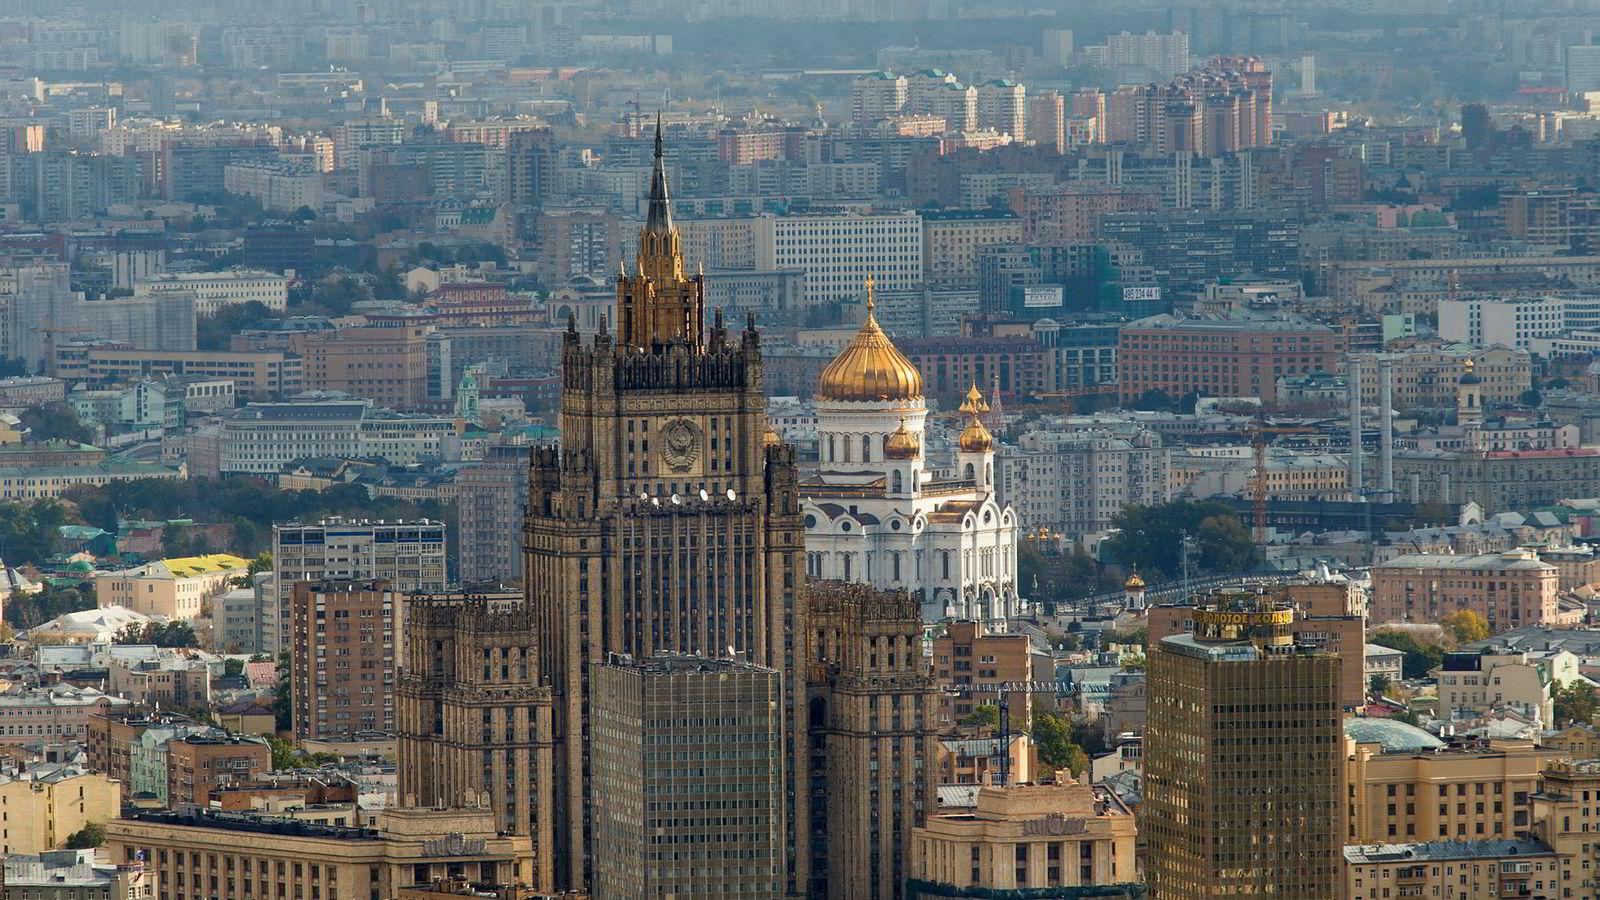 Det norske eiendomsselskapet Storm Real Estate sliter i det russiske utleiemarkedet. På dette bildet ses bygget der det russiske utenriksdepartementet holder til, med den ærverdige Frelseren Kristus-katedralen i bakgrunnen, verdens høyeste russisk-ortodokse katedral.